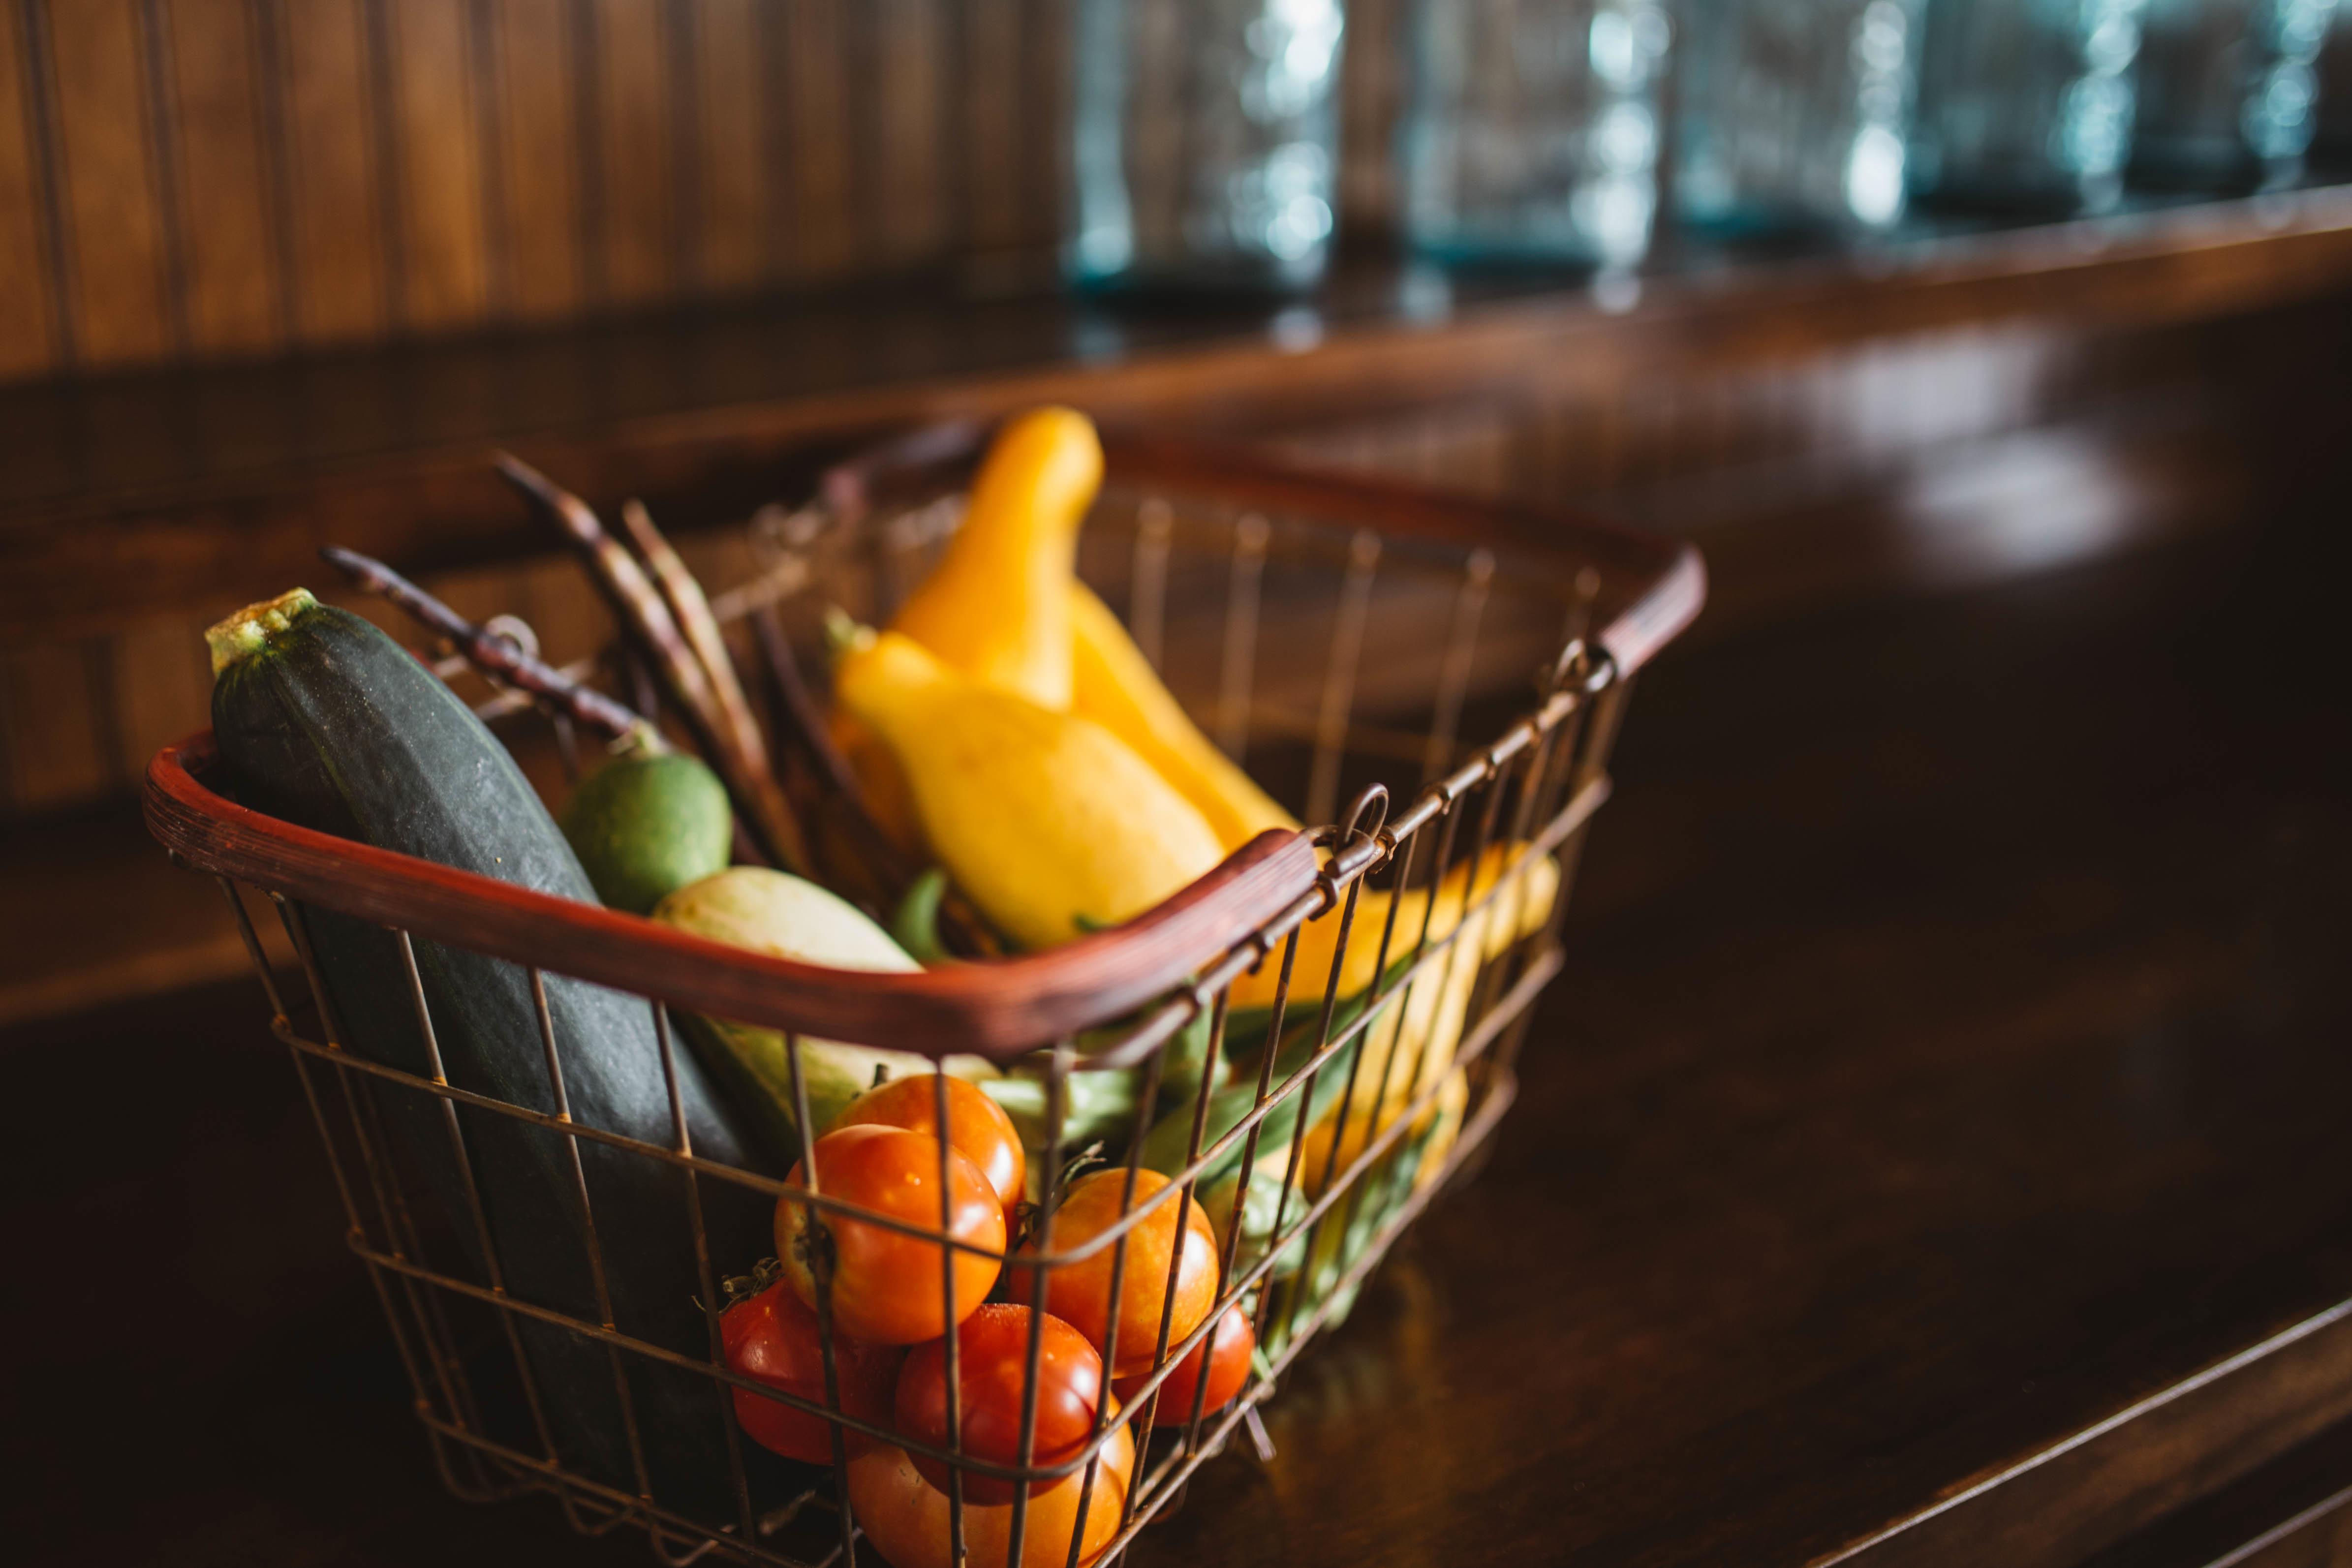 Рост прибыльности и синхронизация стратегического видения производителя и дистрибьютора овощей